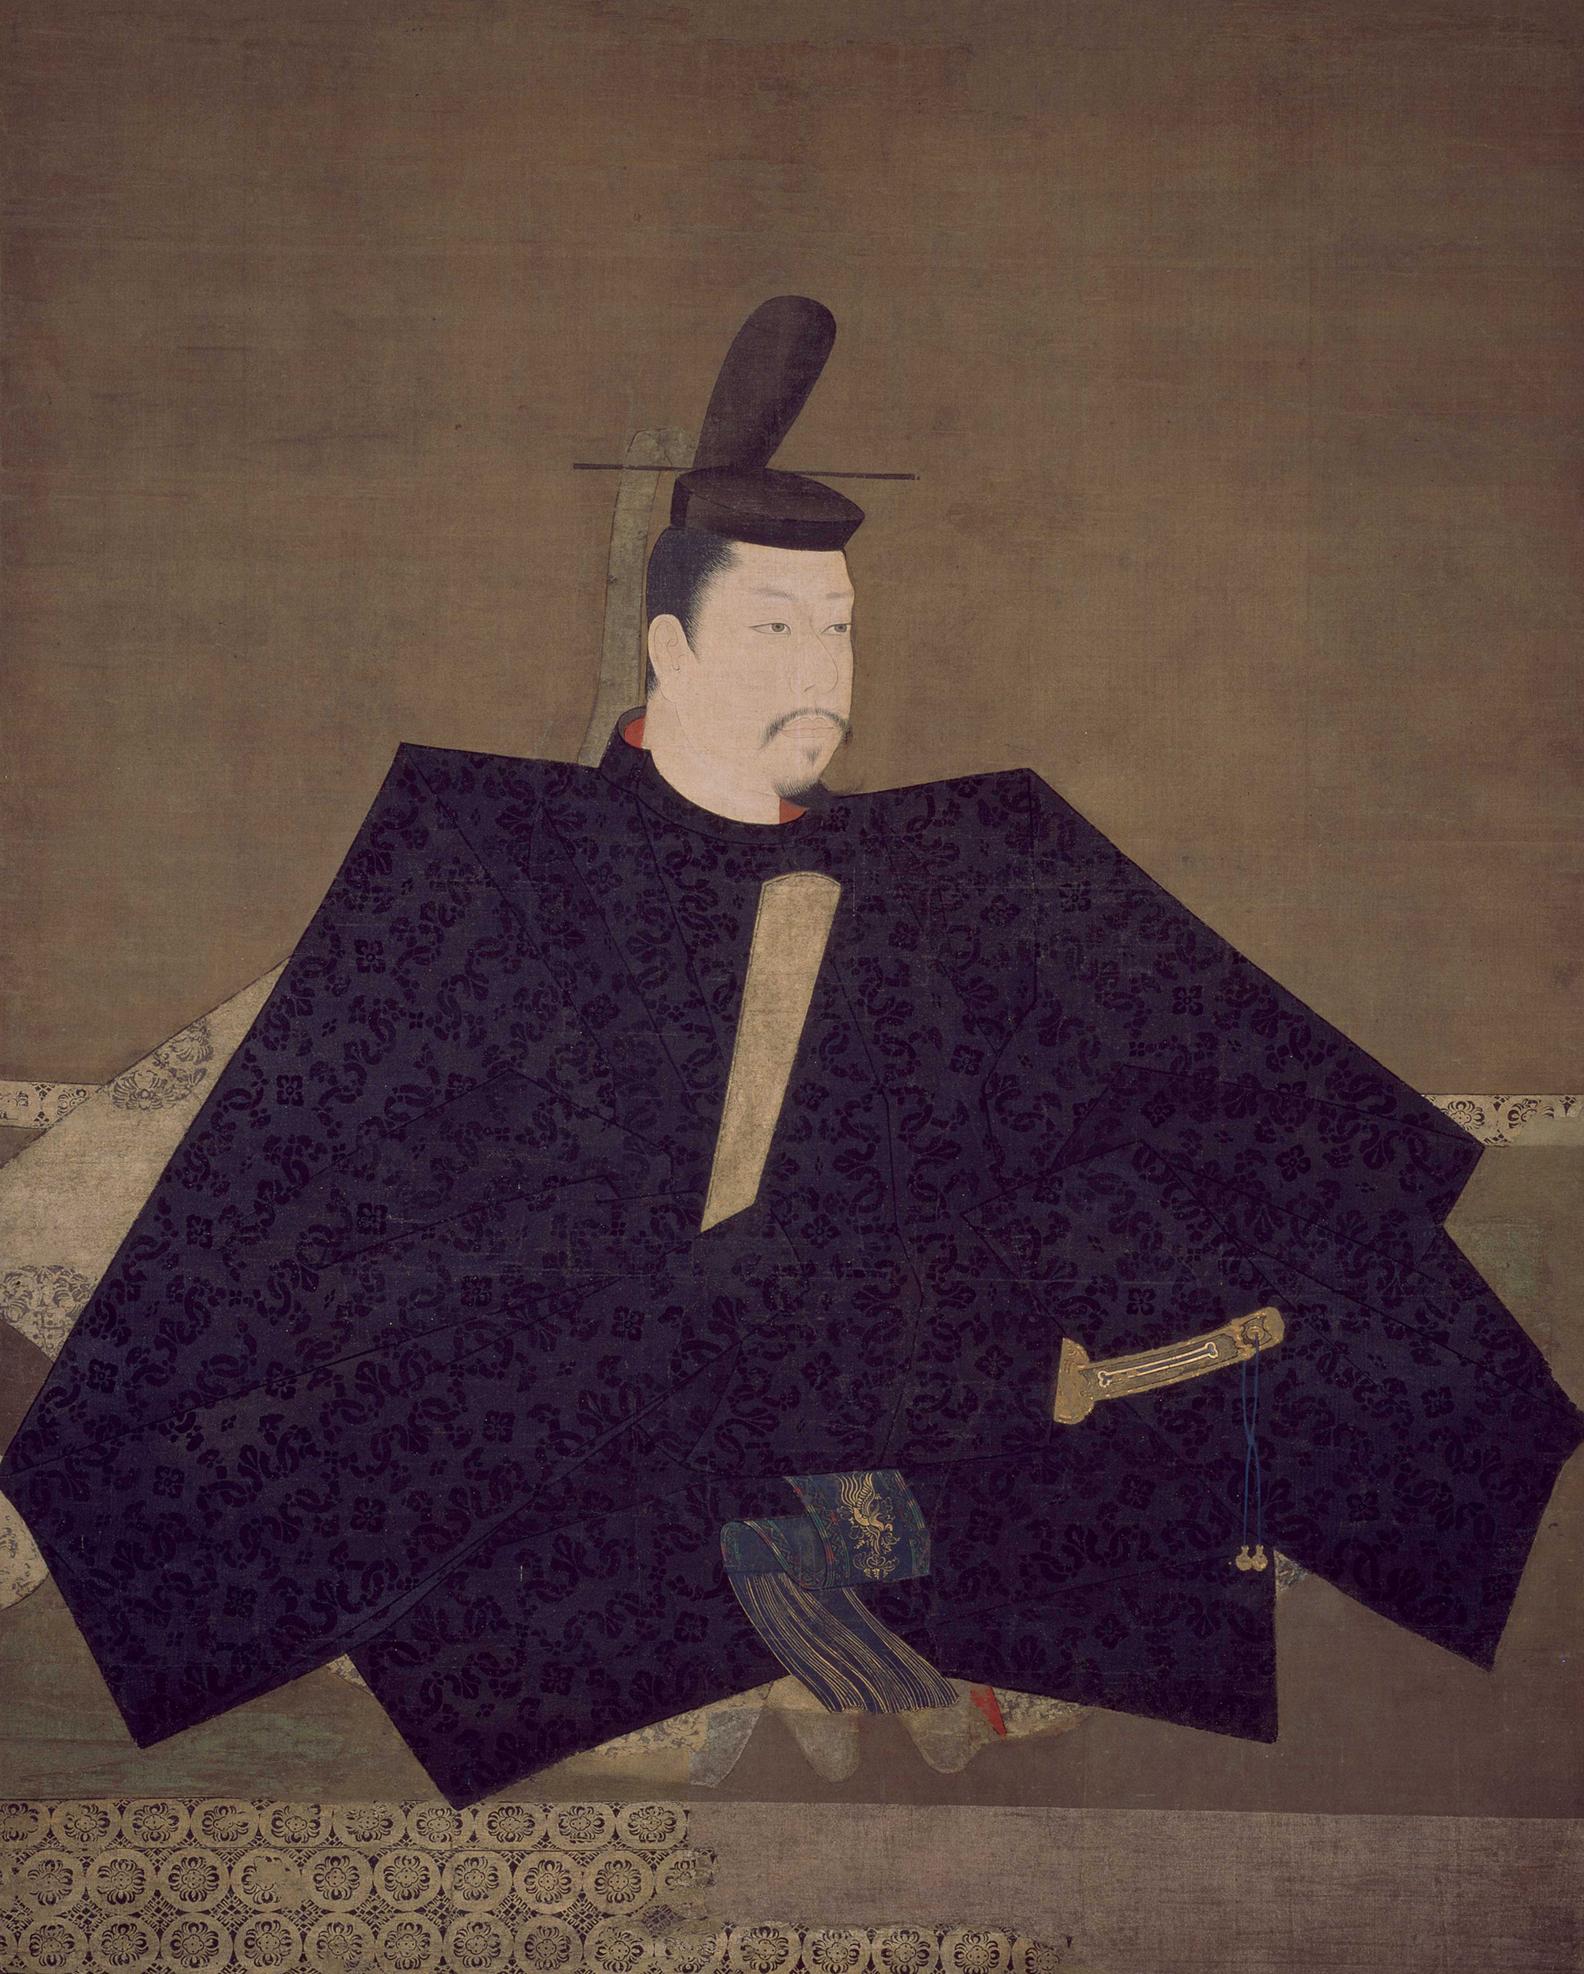 Minamoto no Yoritomo, the first shogun of the Kamakura shogunate